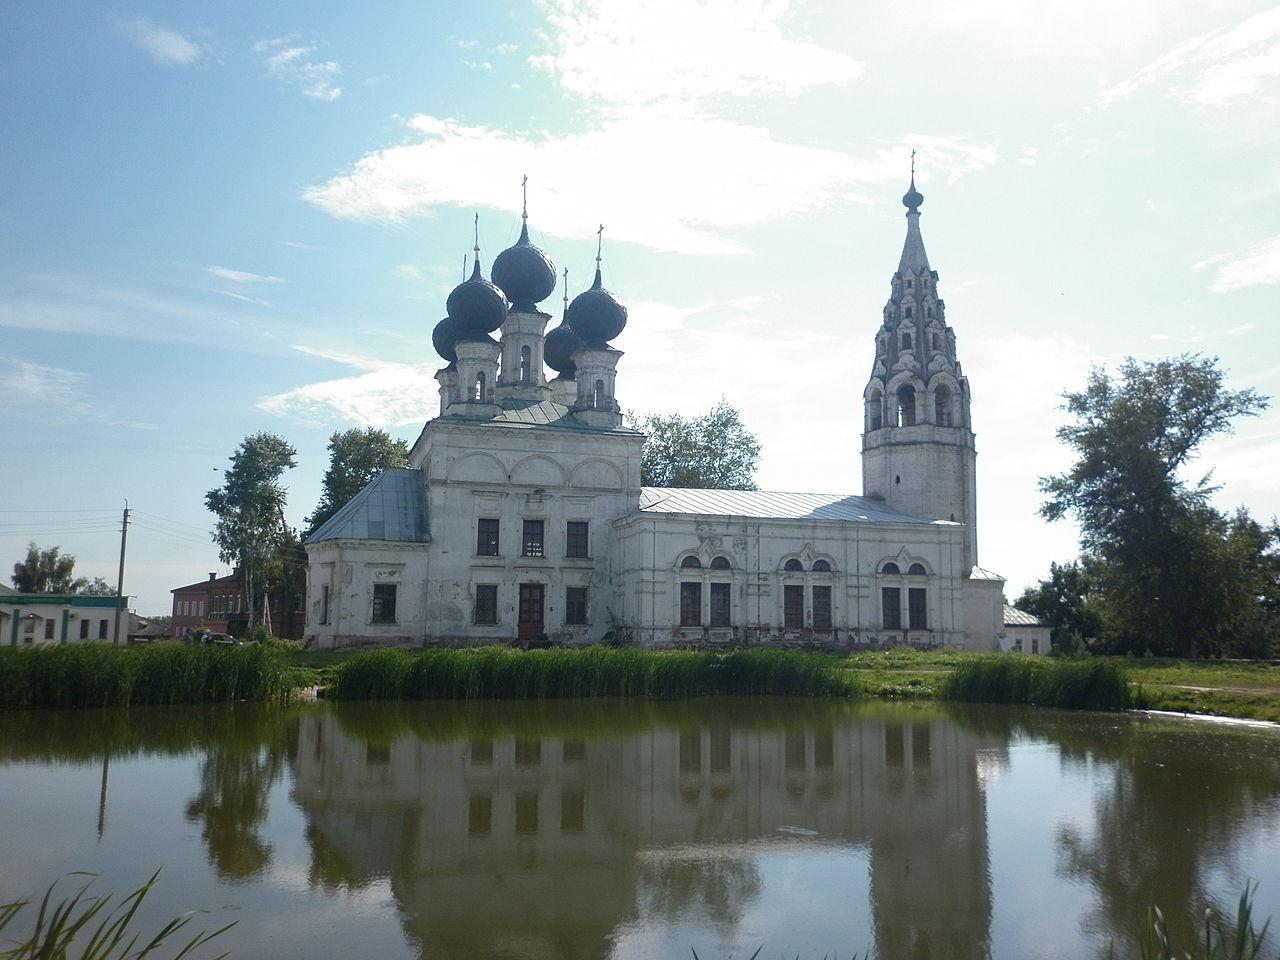 Церковь_в_селе_Сусанино_в_Костромской_области